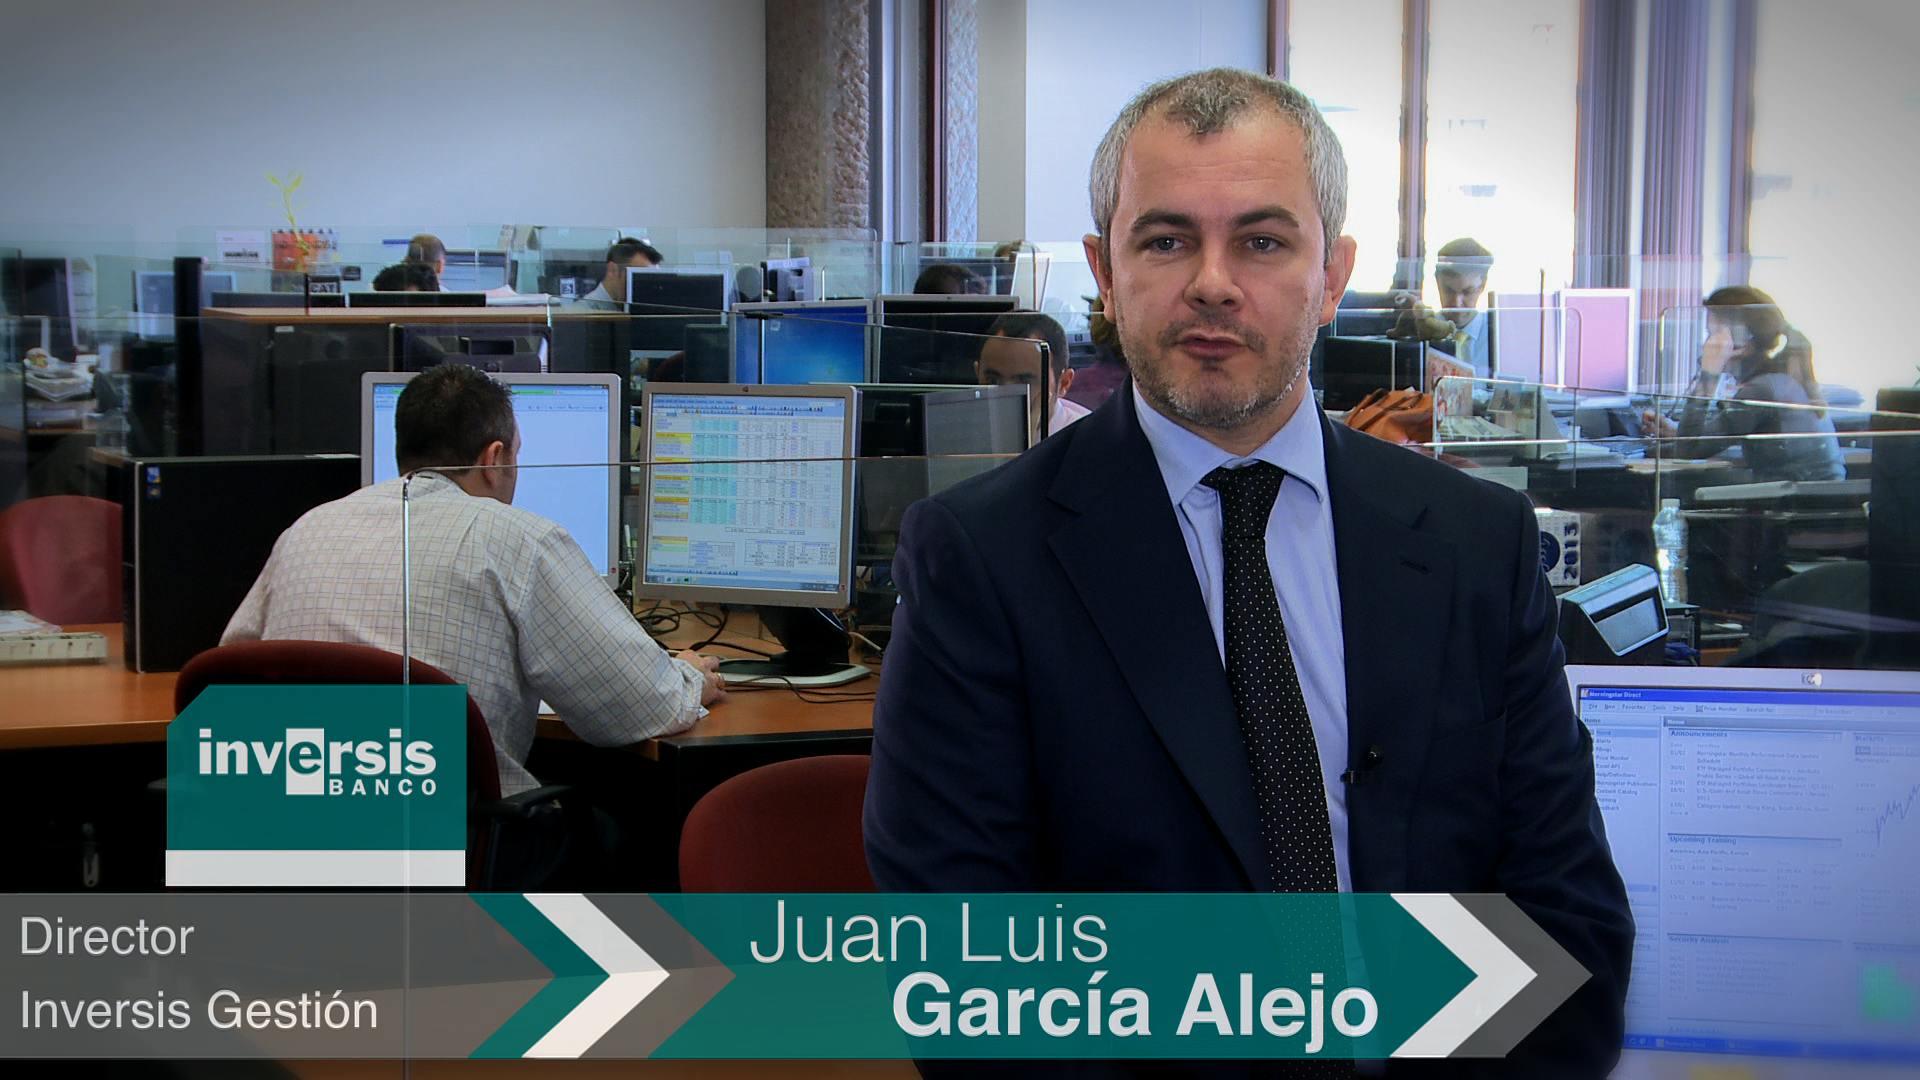 """García Alejo: """"La corrupción tiene un peso negativo en el juicio de valor de las inversiones"""""""